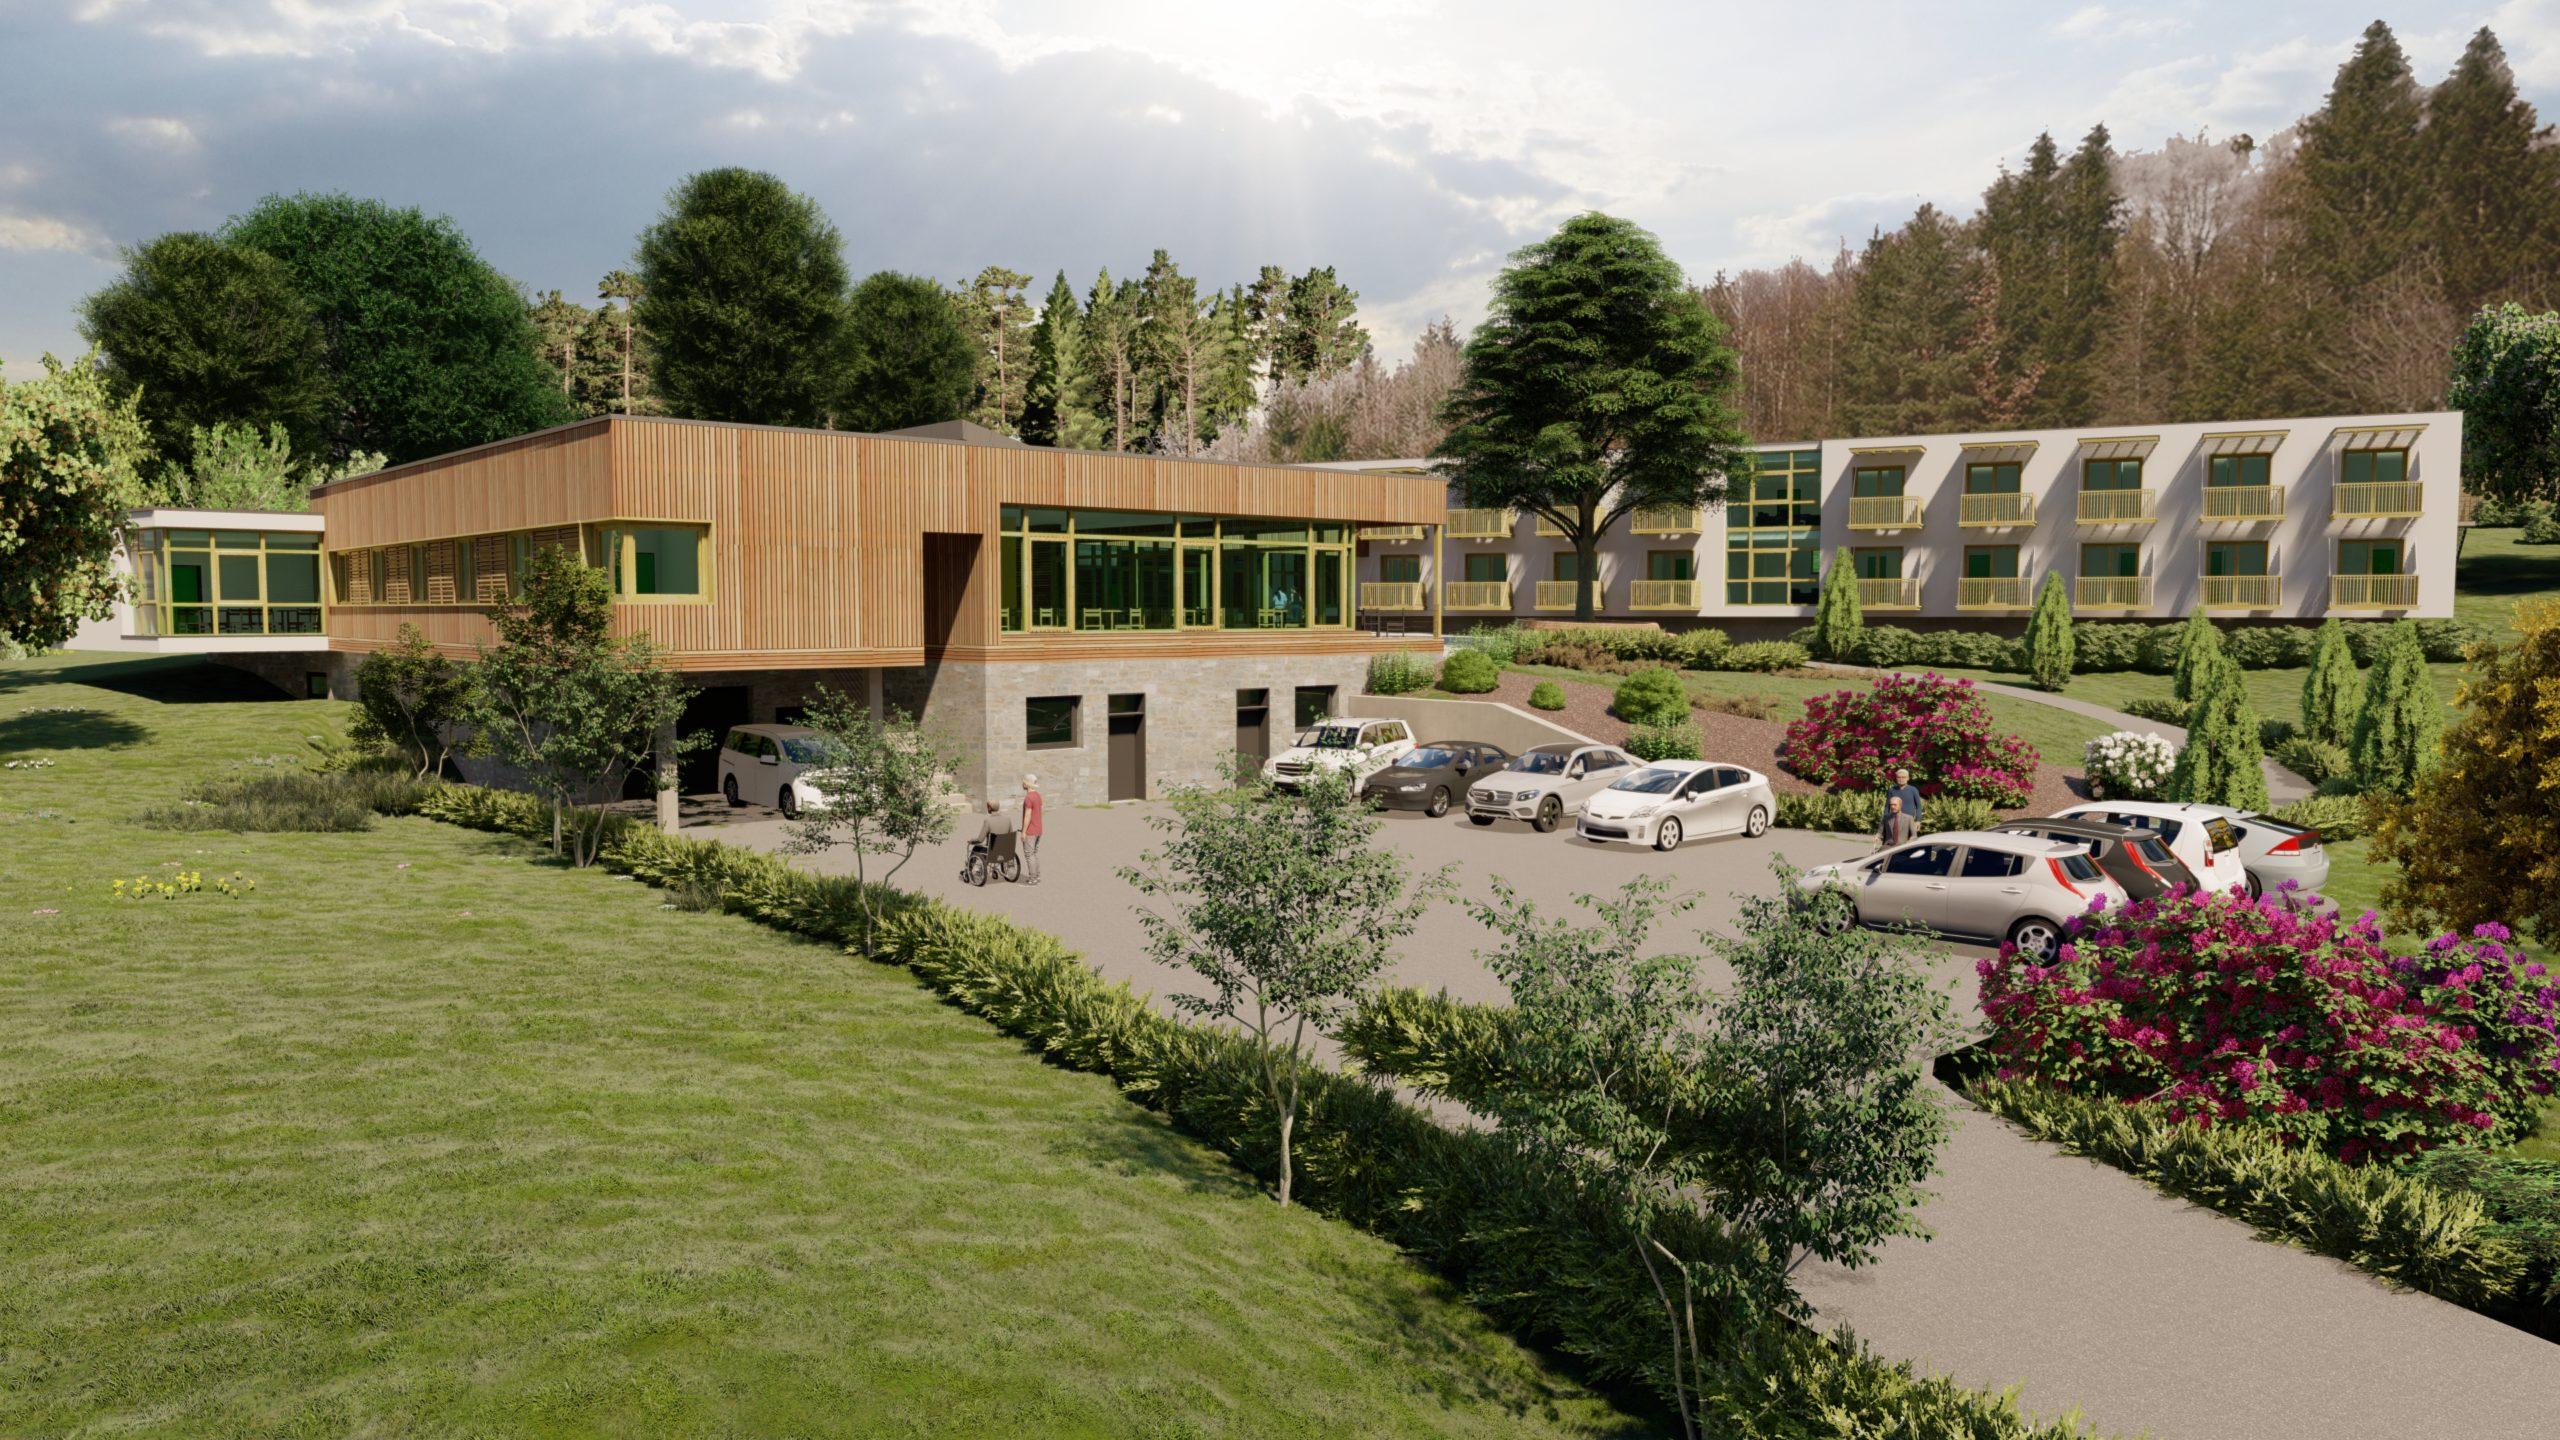 Pflegeheim Außenansicht in grüner Landschaft